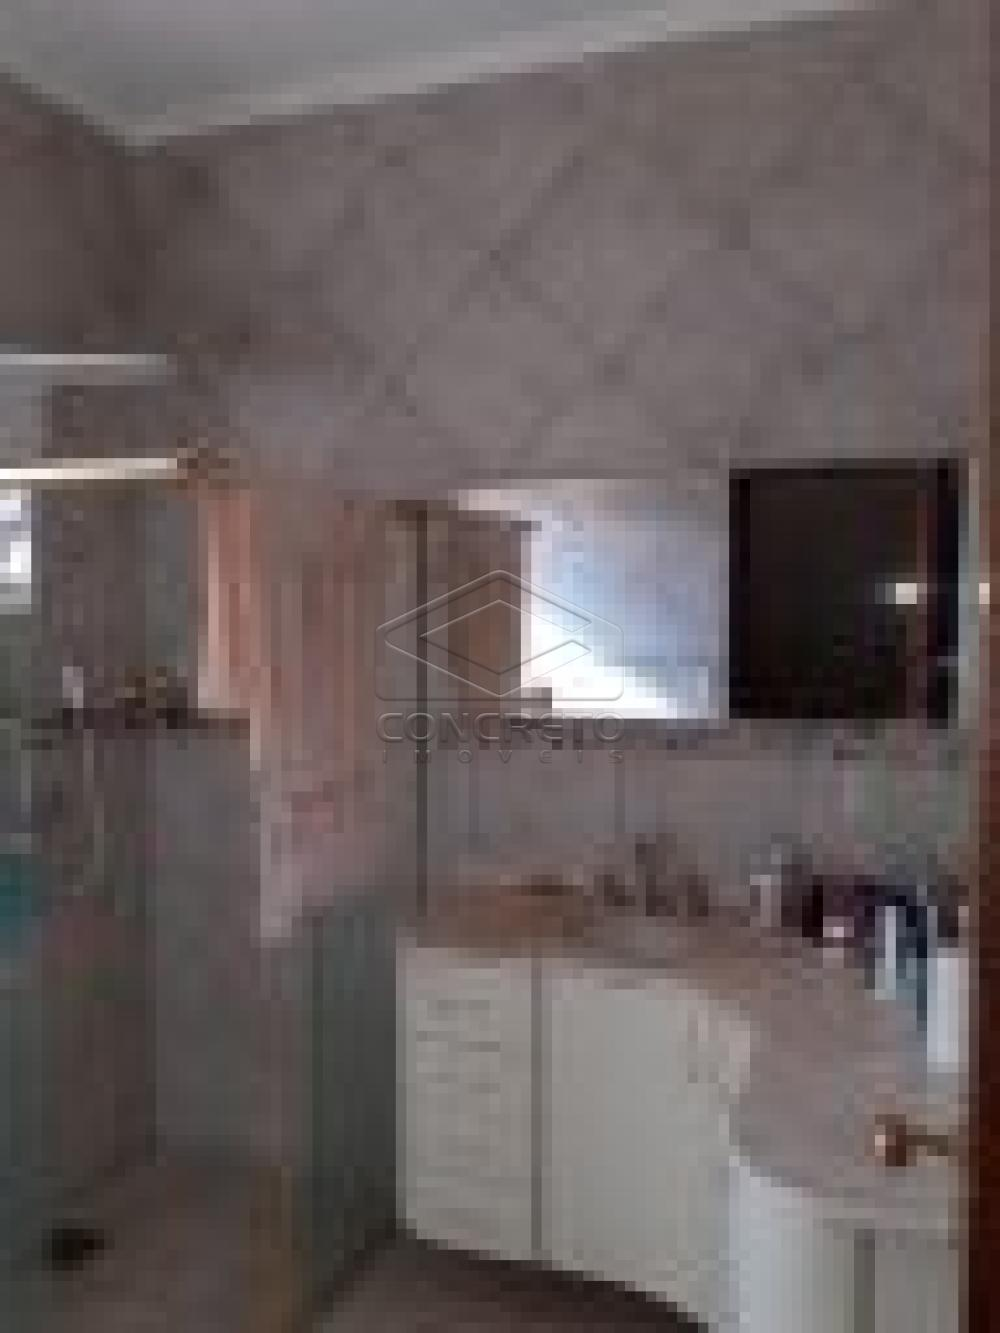 Comprar Casa / Padrão em Sao Manuel apenas R$ 1.250.000,00 - Foto 57